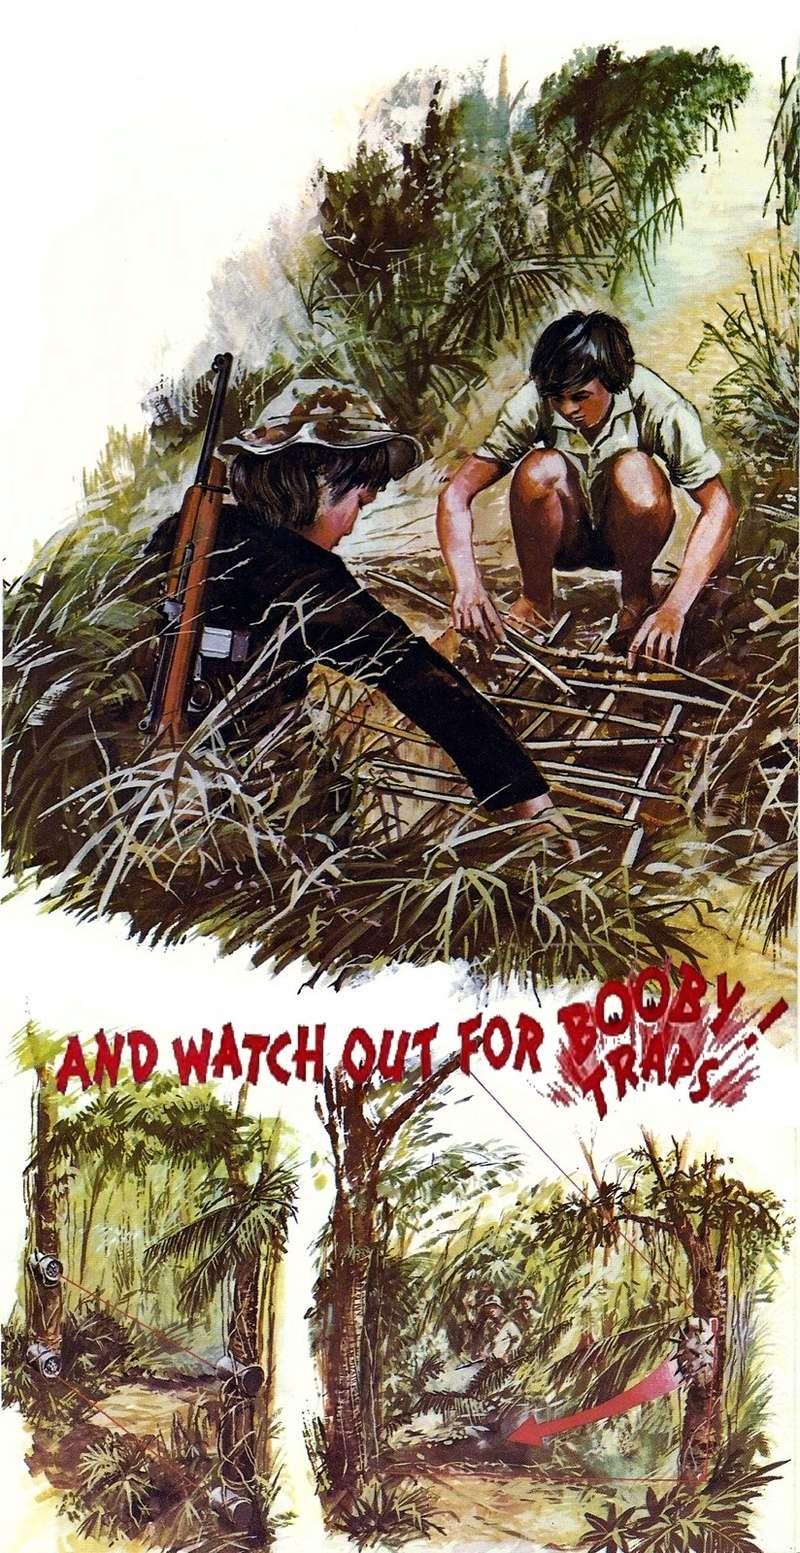 Les pièges en bambou Vietcong (Booby traps) partie 2 Bbvv10